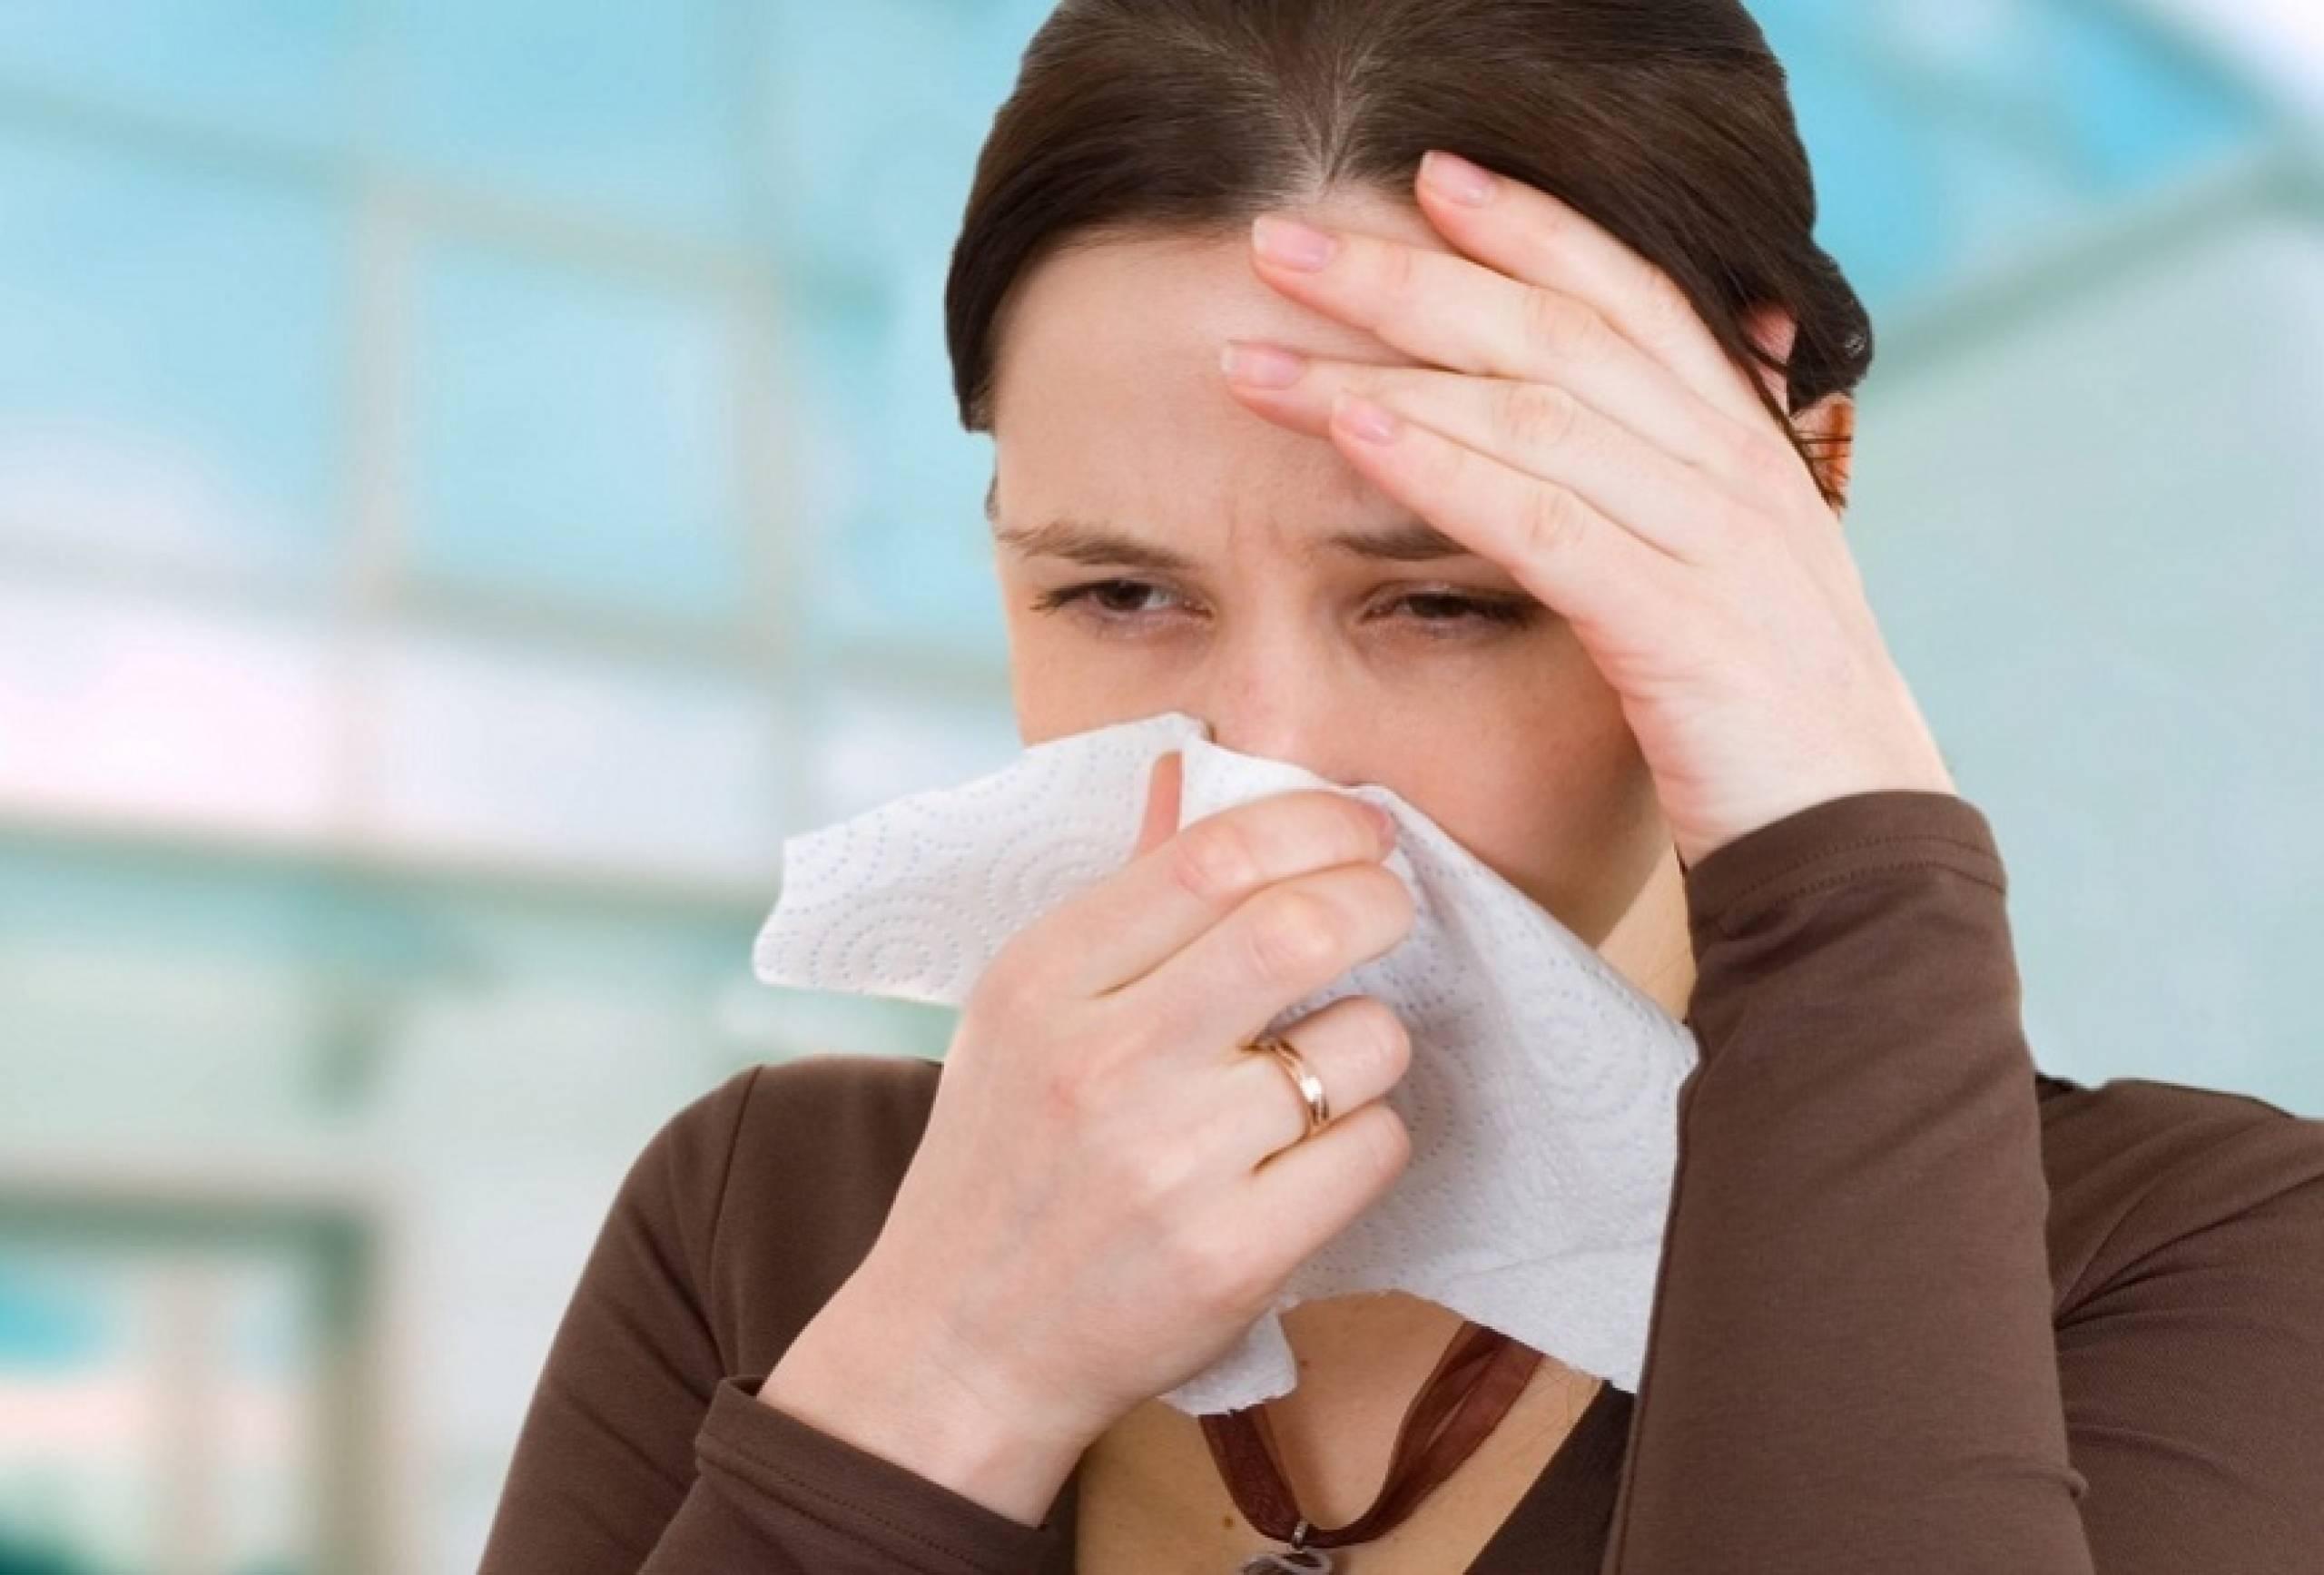 сильный кашель и сильный насморк